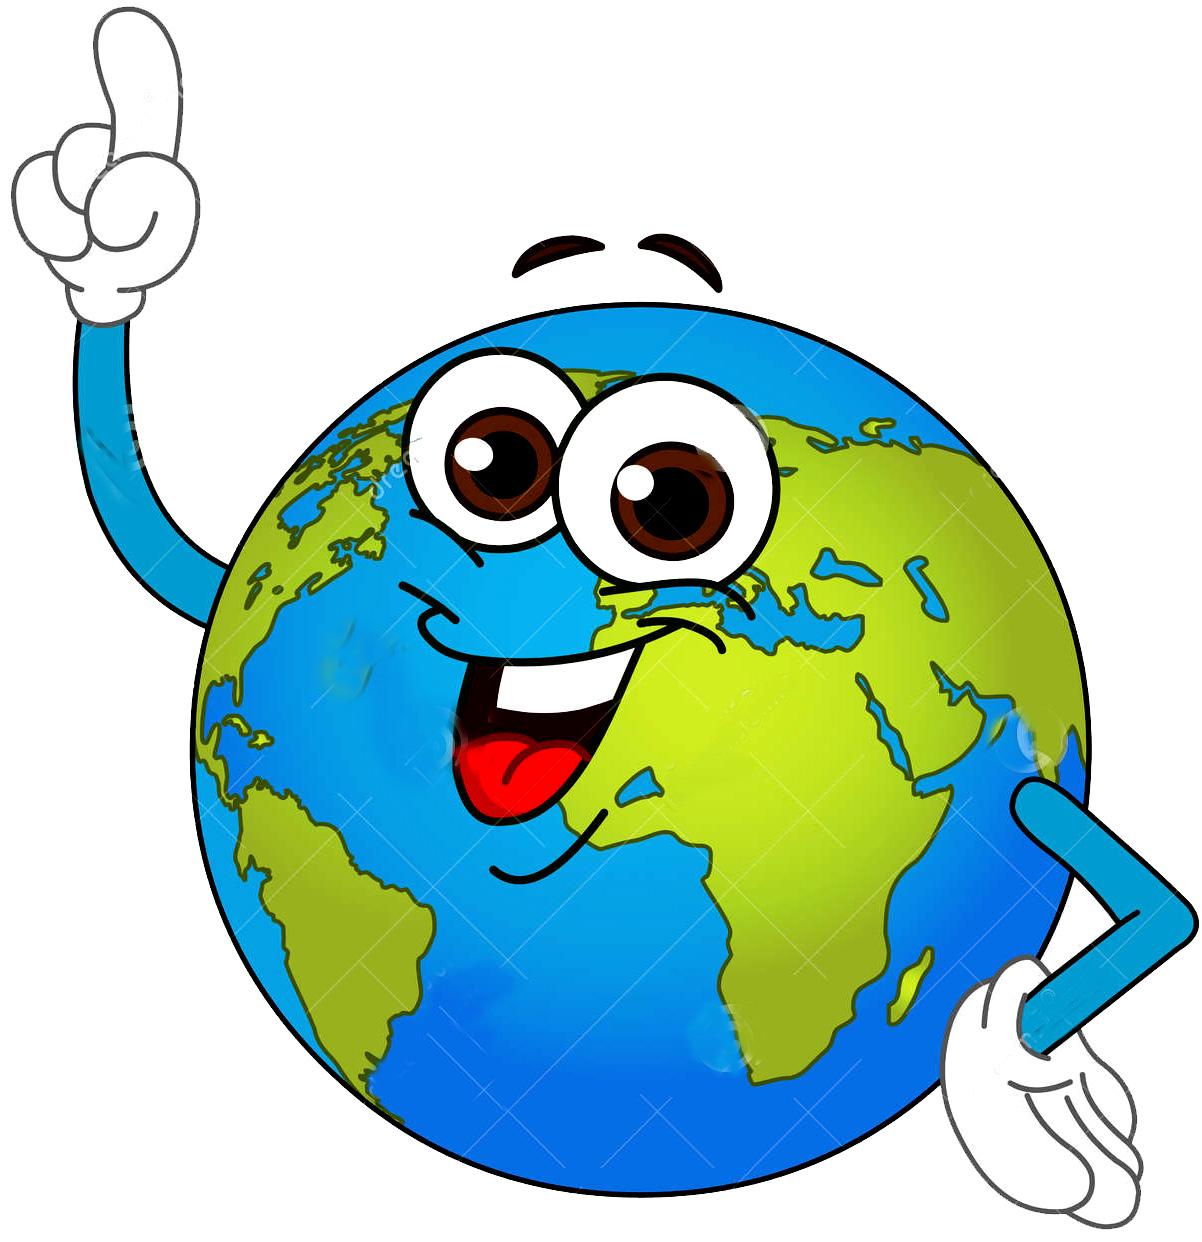 Conociendo El Mundo 15 Ceip Buenavista